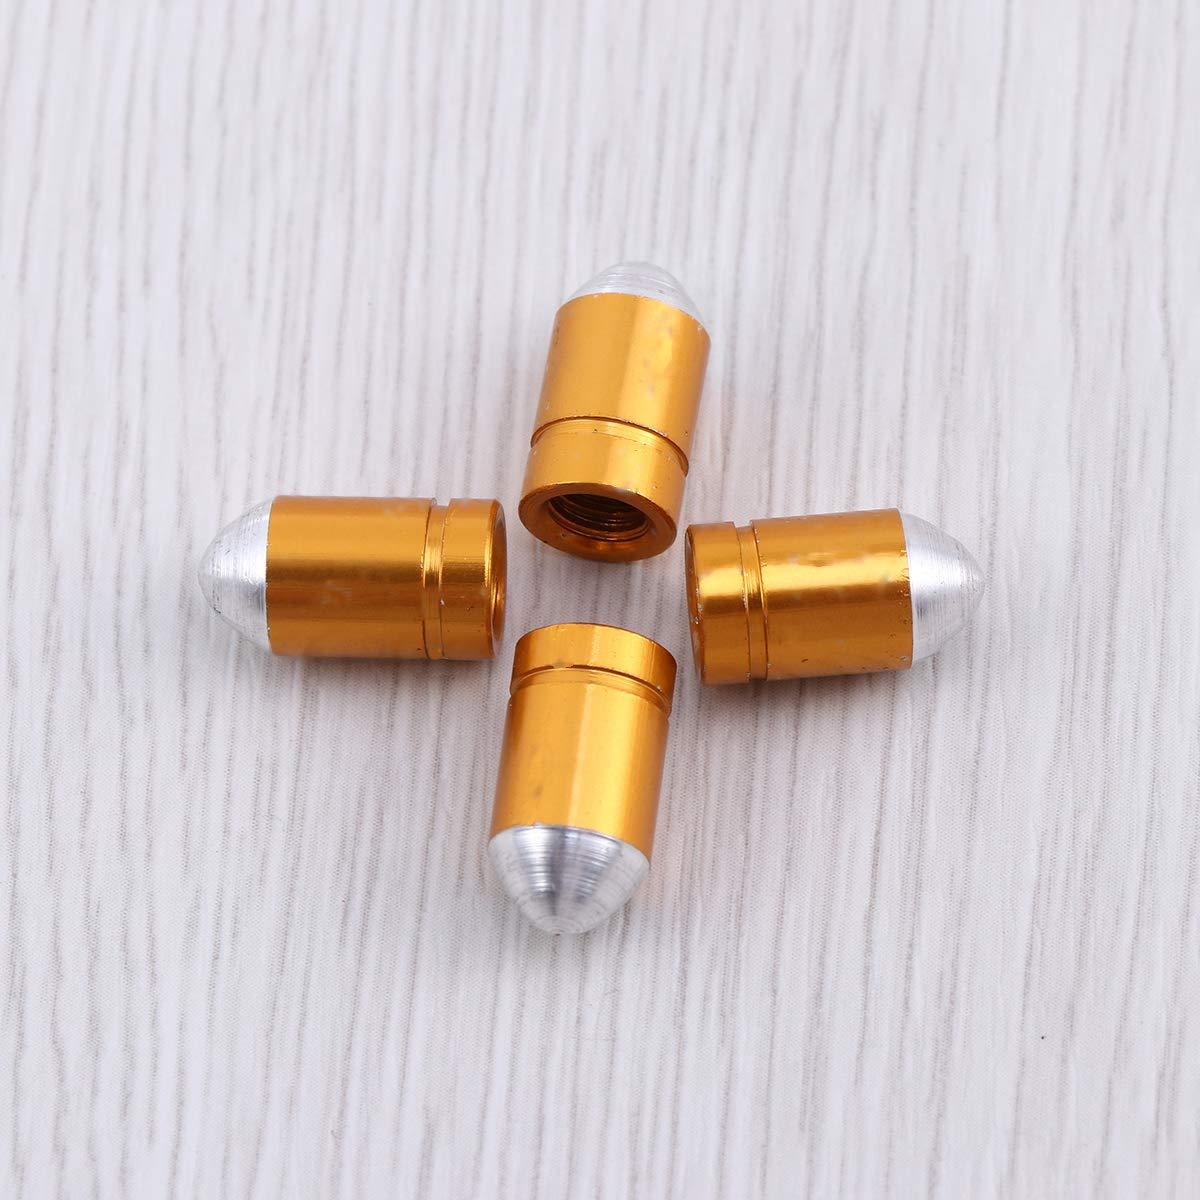 VORCOOL 4 st/ücke Franz/ösisch Stil Aluminiumlegierung Fahrrad Rad Reifen Ventilkappe Fahrrad Luftventilkappen Staubschutz Gold